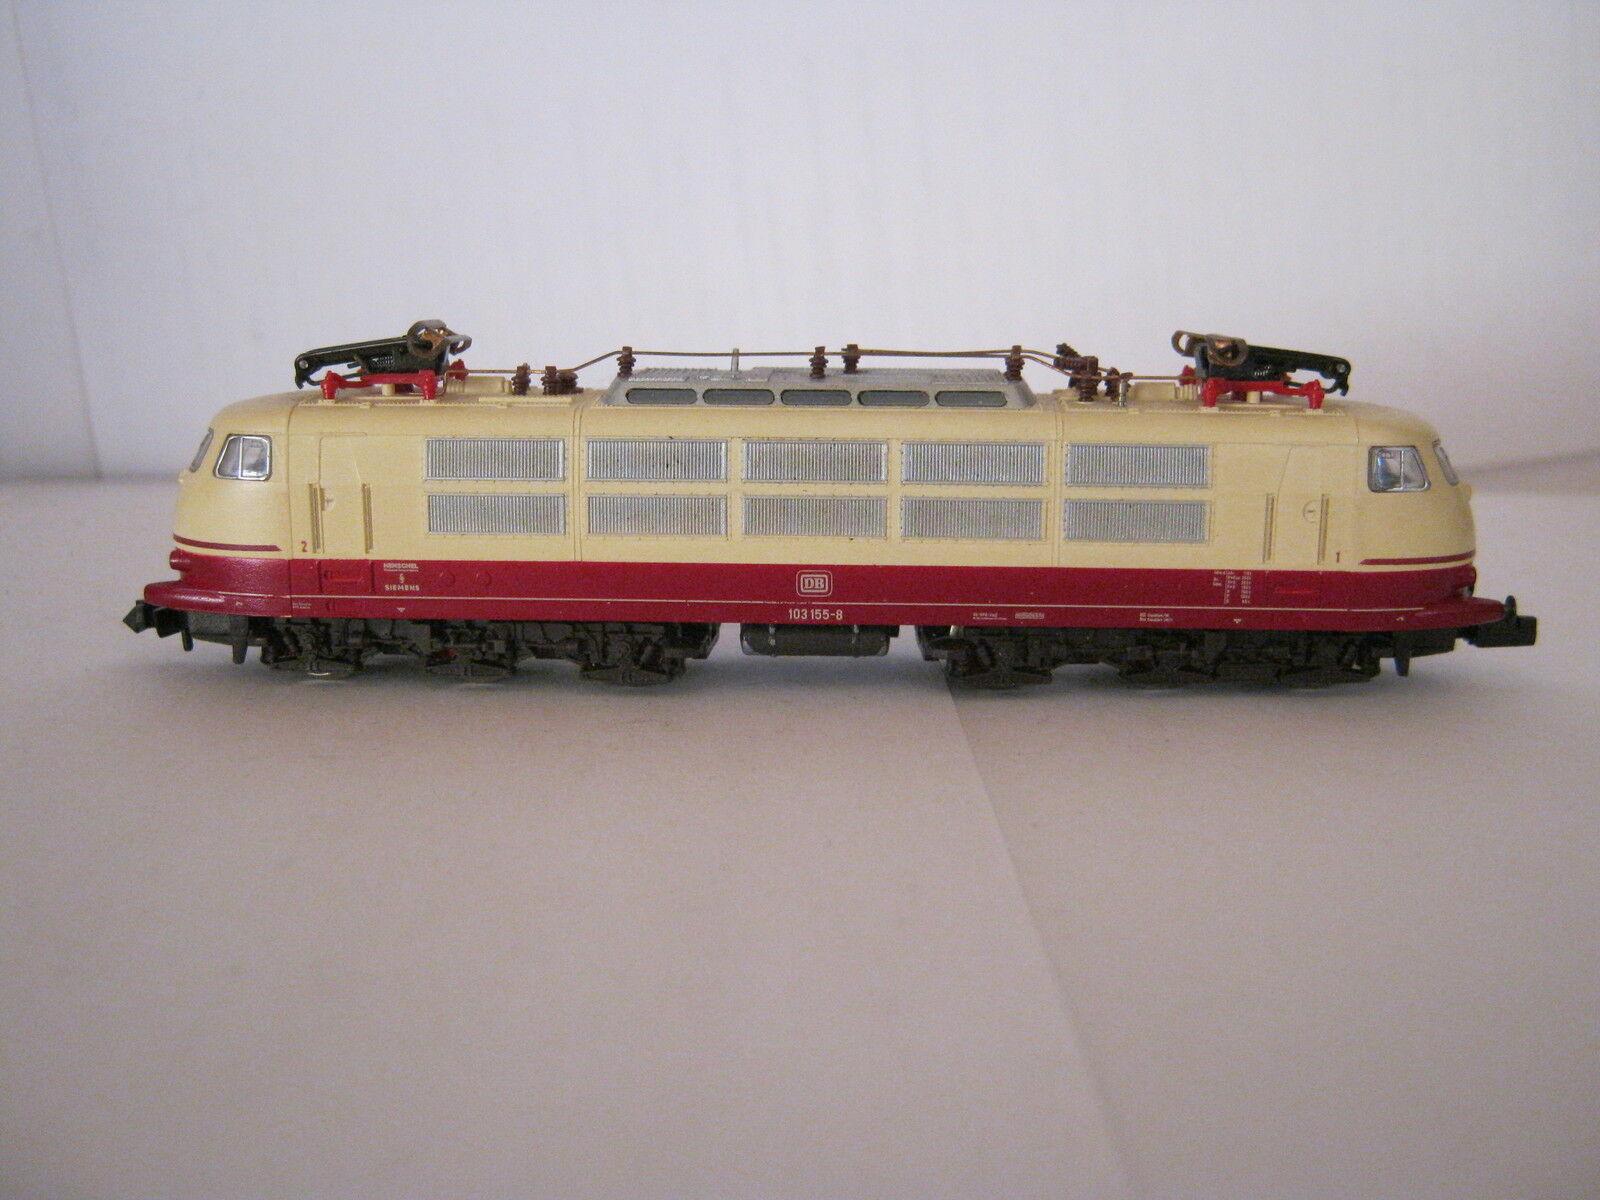 Digital Fleischmann N 7376 e locomotiva btrnr 103 155-8 DB  rg/ar/91s4l34